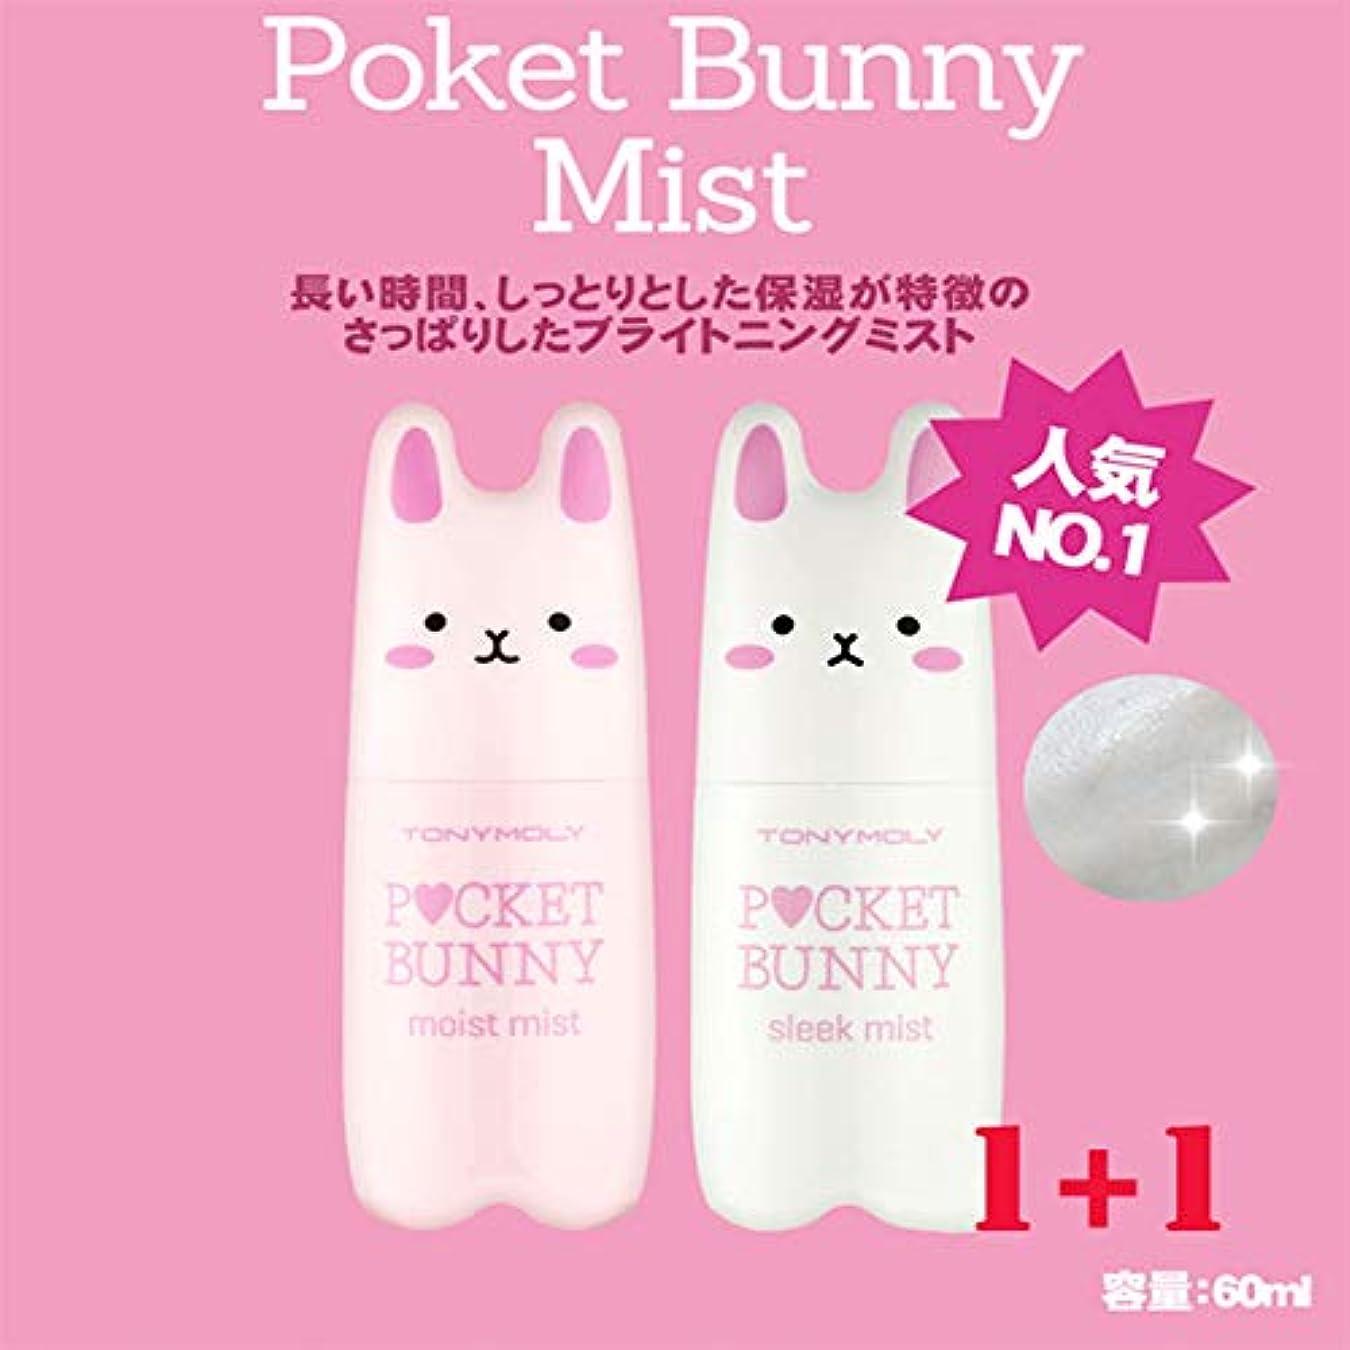 再生的必需品製造業[TONYMOLY]★1+1★トニーモリー ポケットバニー ミスト?すべすべタイプ +モイスト?ミスト,ピンク (Pocket Bunny Mist Sleek Mist 60ml)+ (Pocket Bunny Moist...